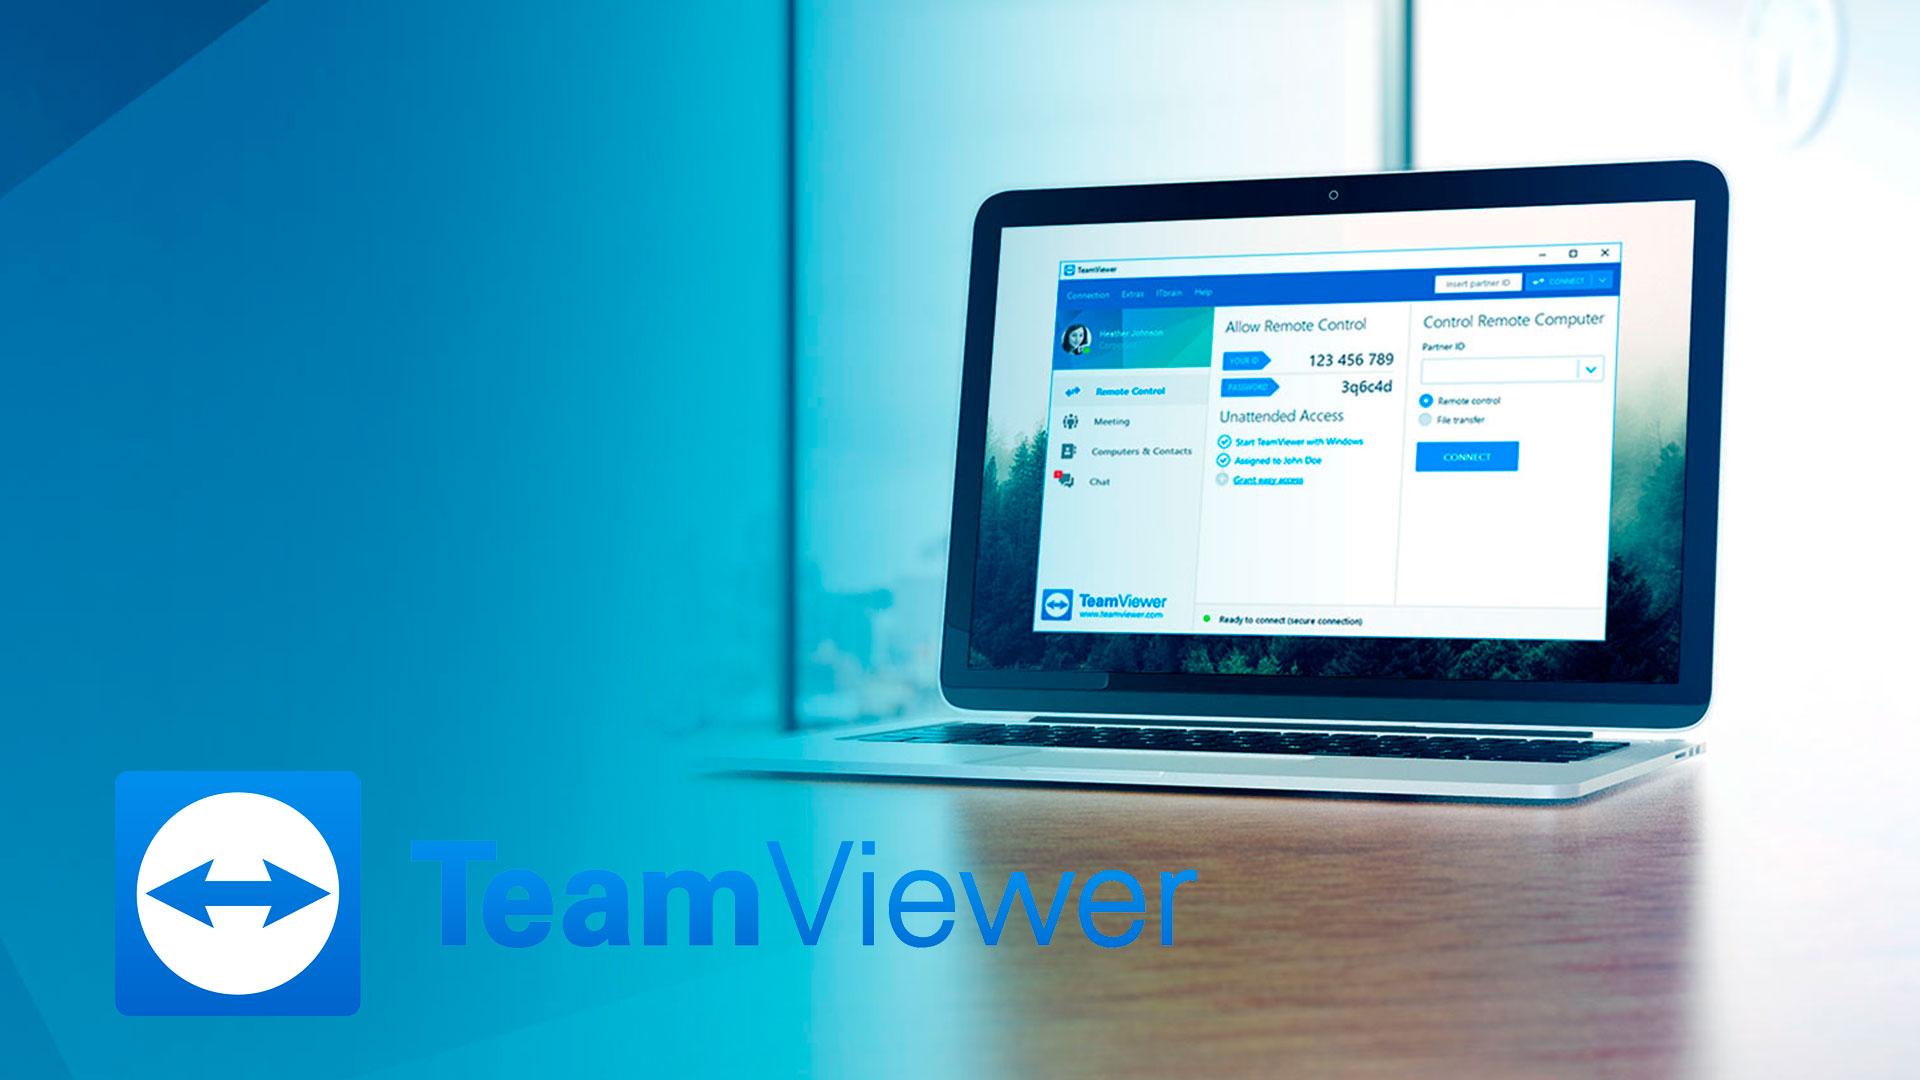 teamviewer gratis 13